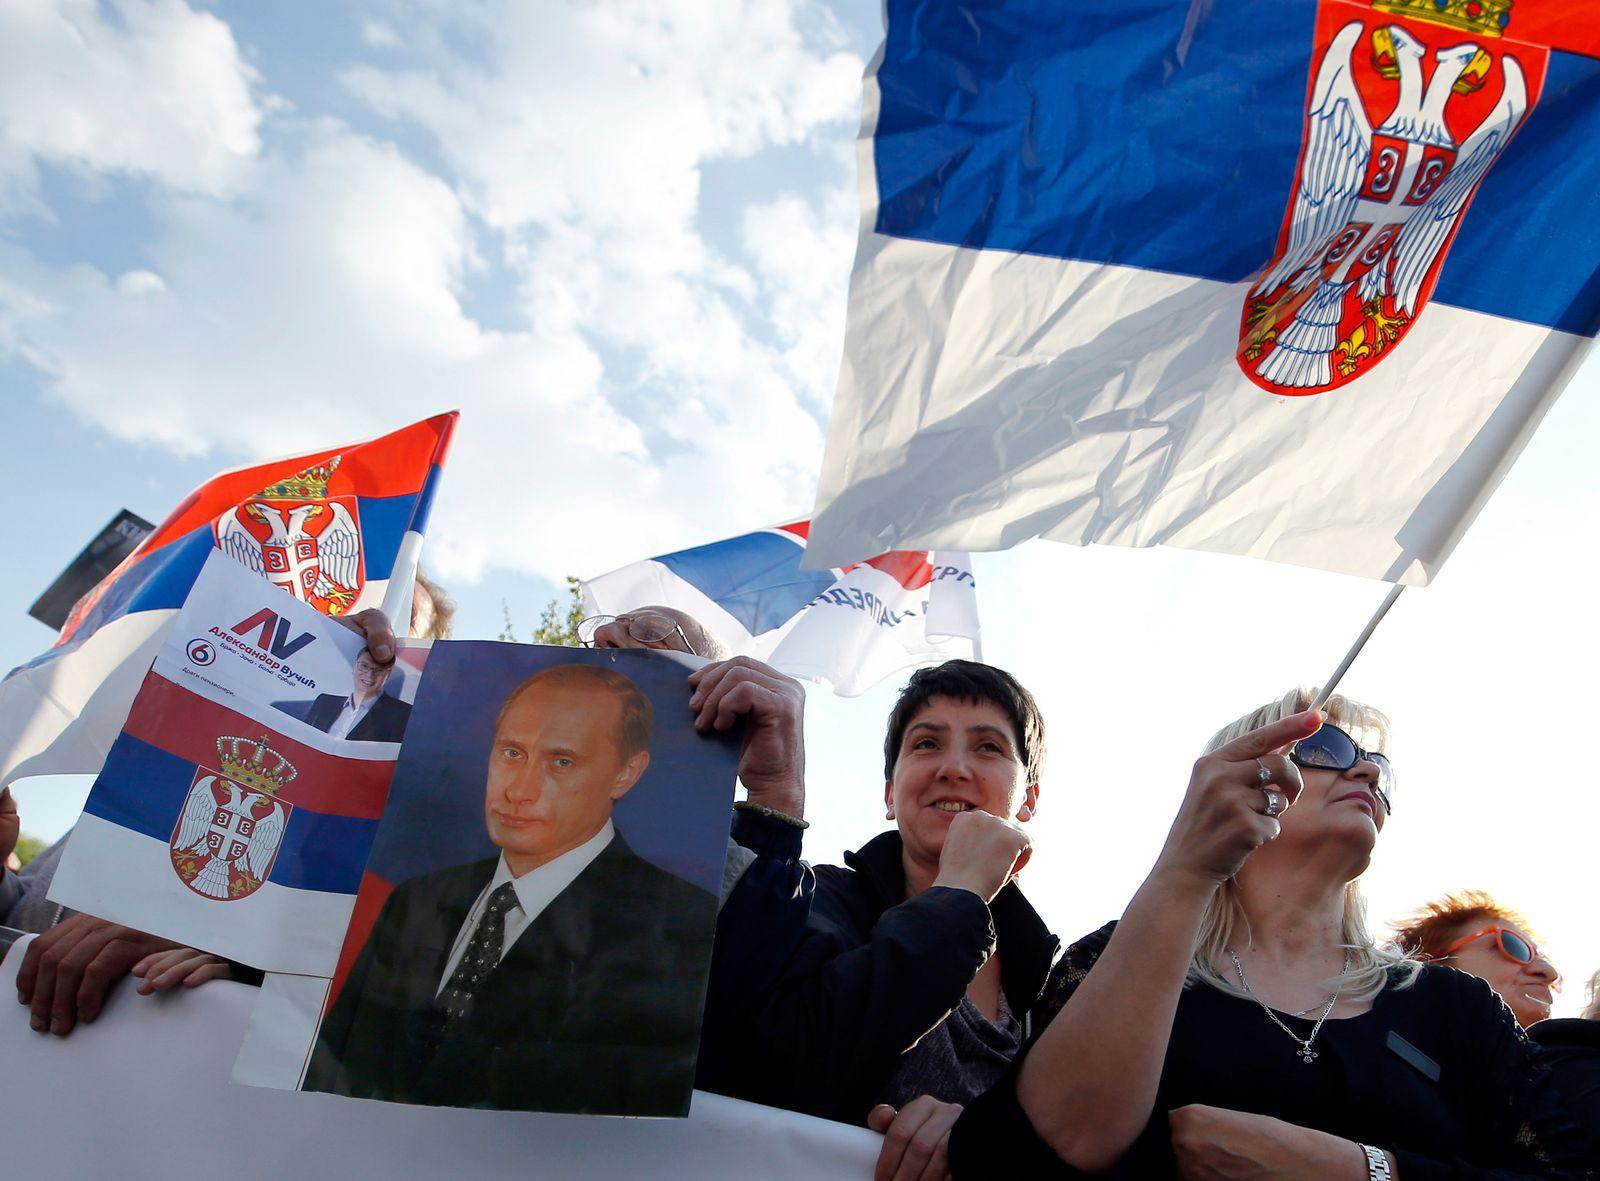 Unterstützer des serbischen Präsidenten gehen auf die Straße